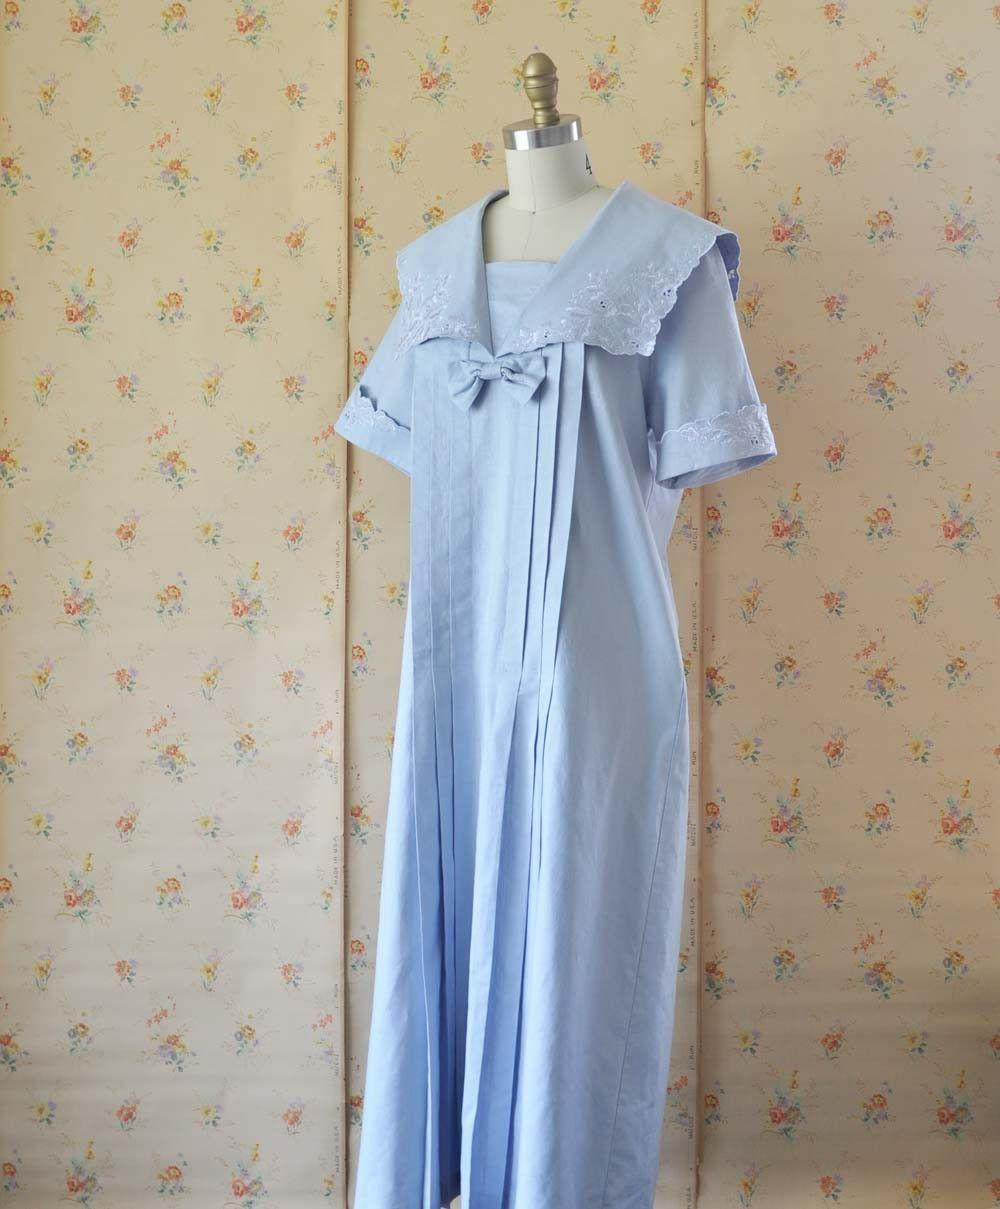 Laura ashley dresses 1980s fashion